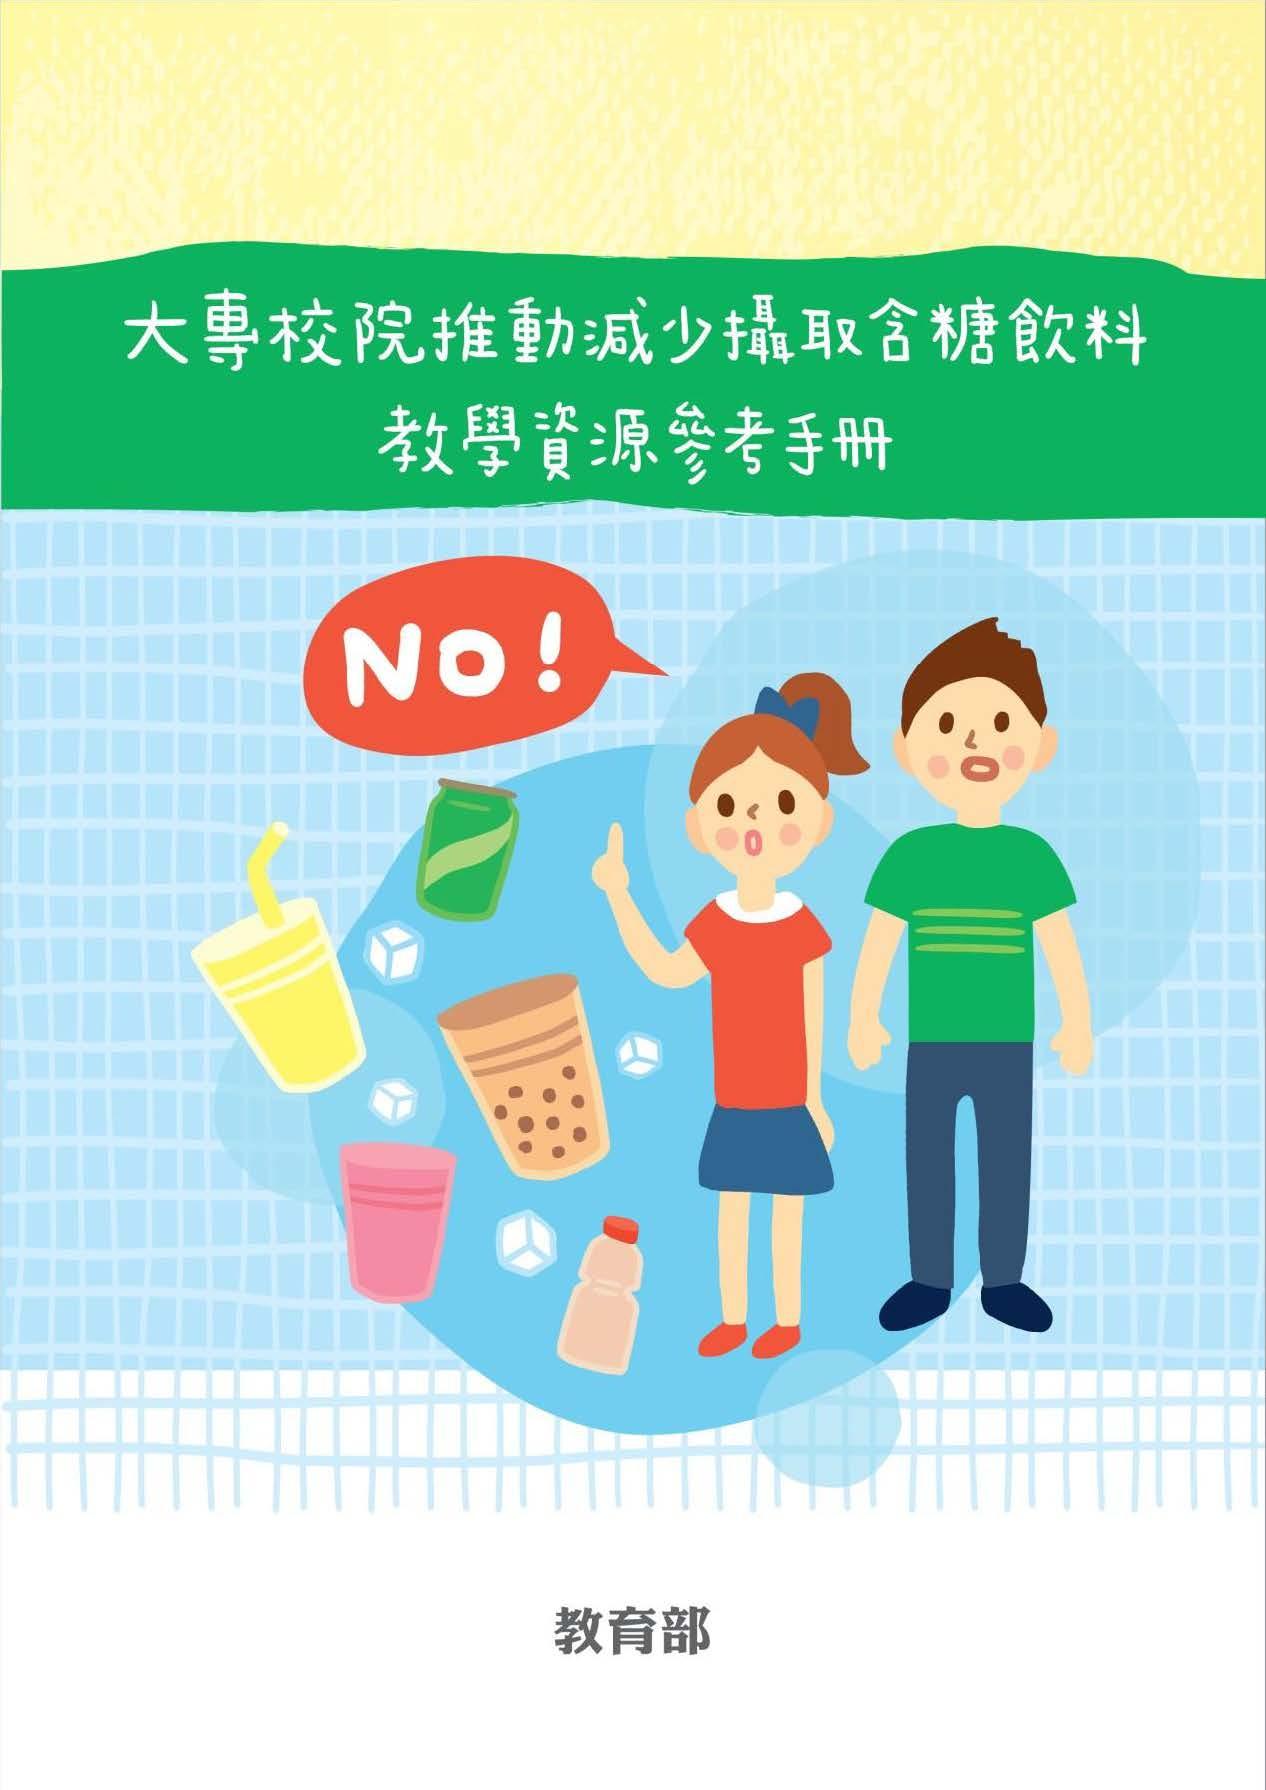 大專校院推動減少攝取含糖飲料教學資源參考手冊